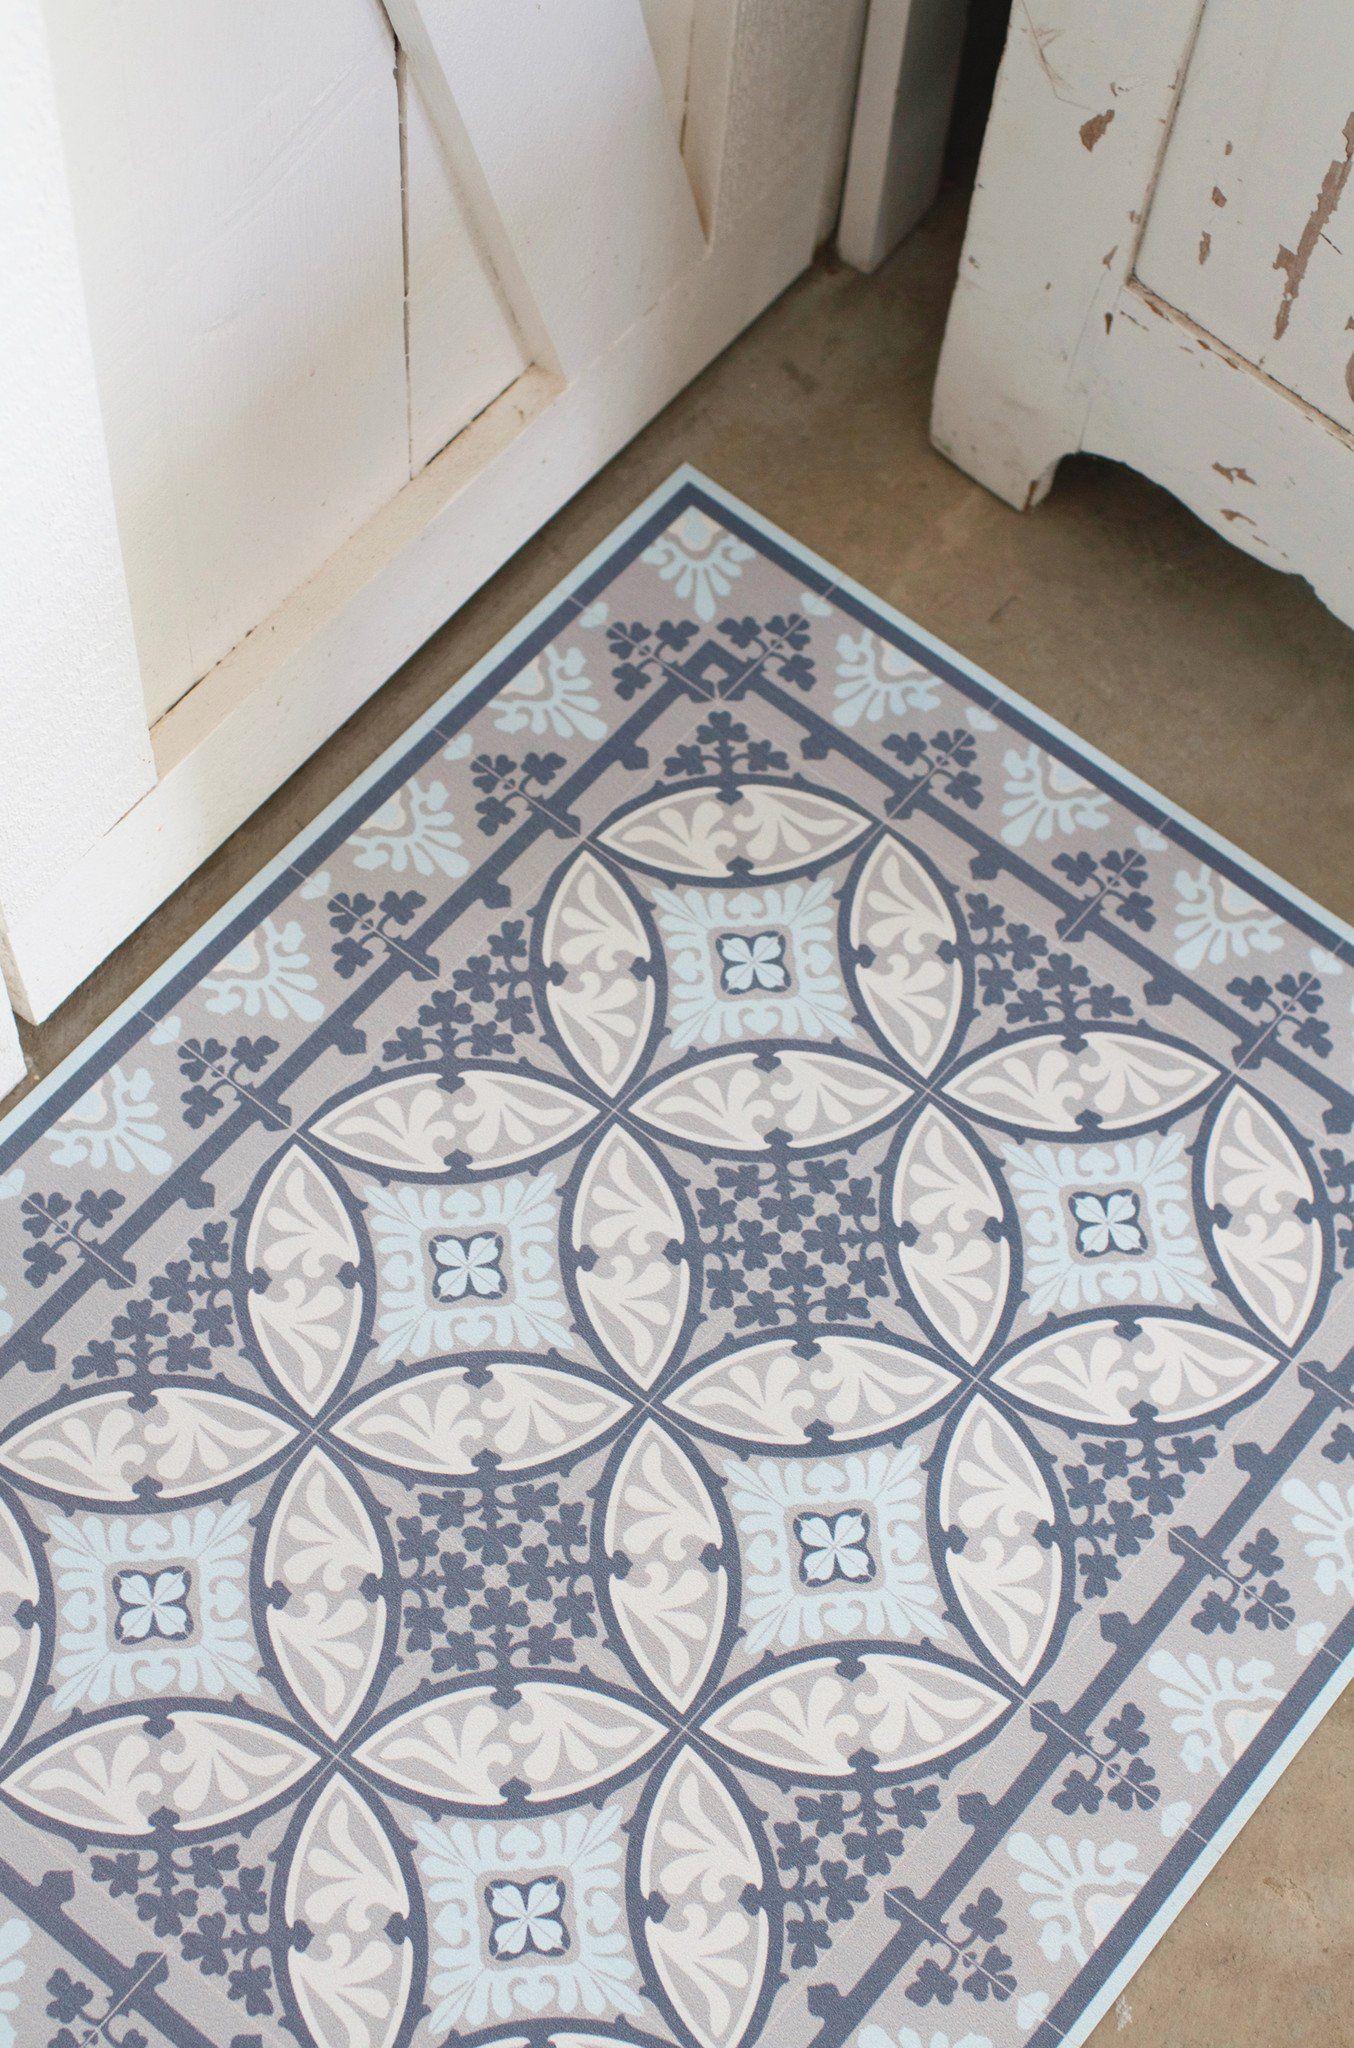 Moroccan tile vinyl floor mat moroccan moroccan tile vinyl floor mat dailygadgetfo Gallery